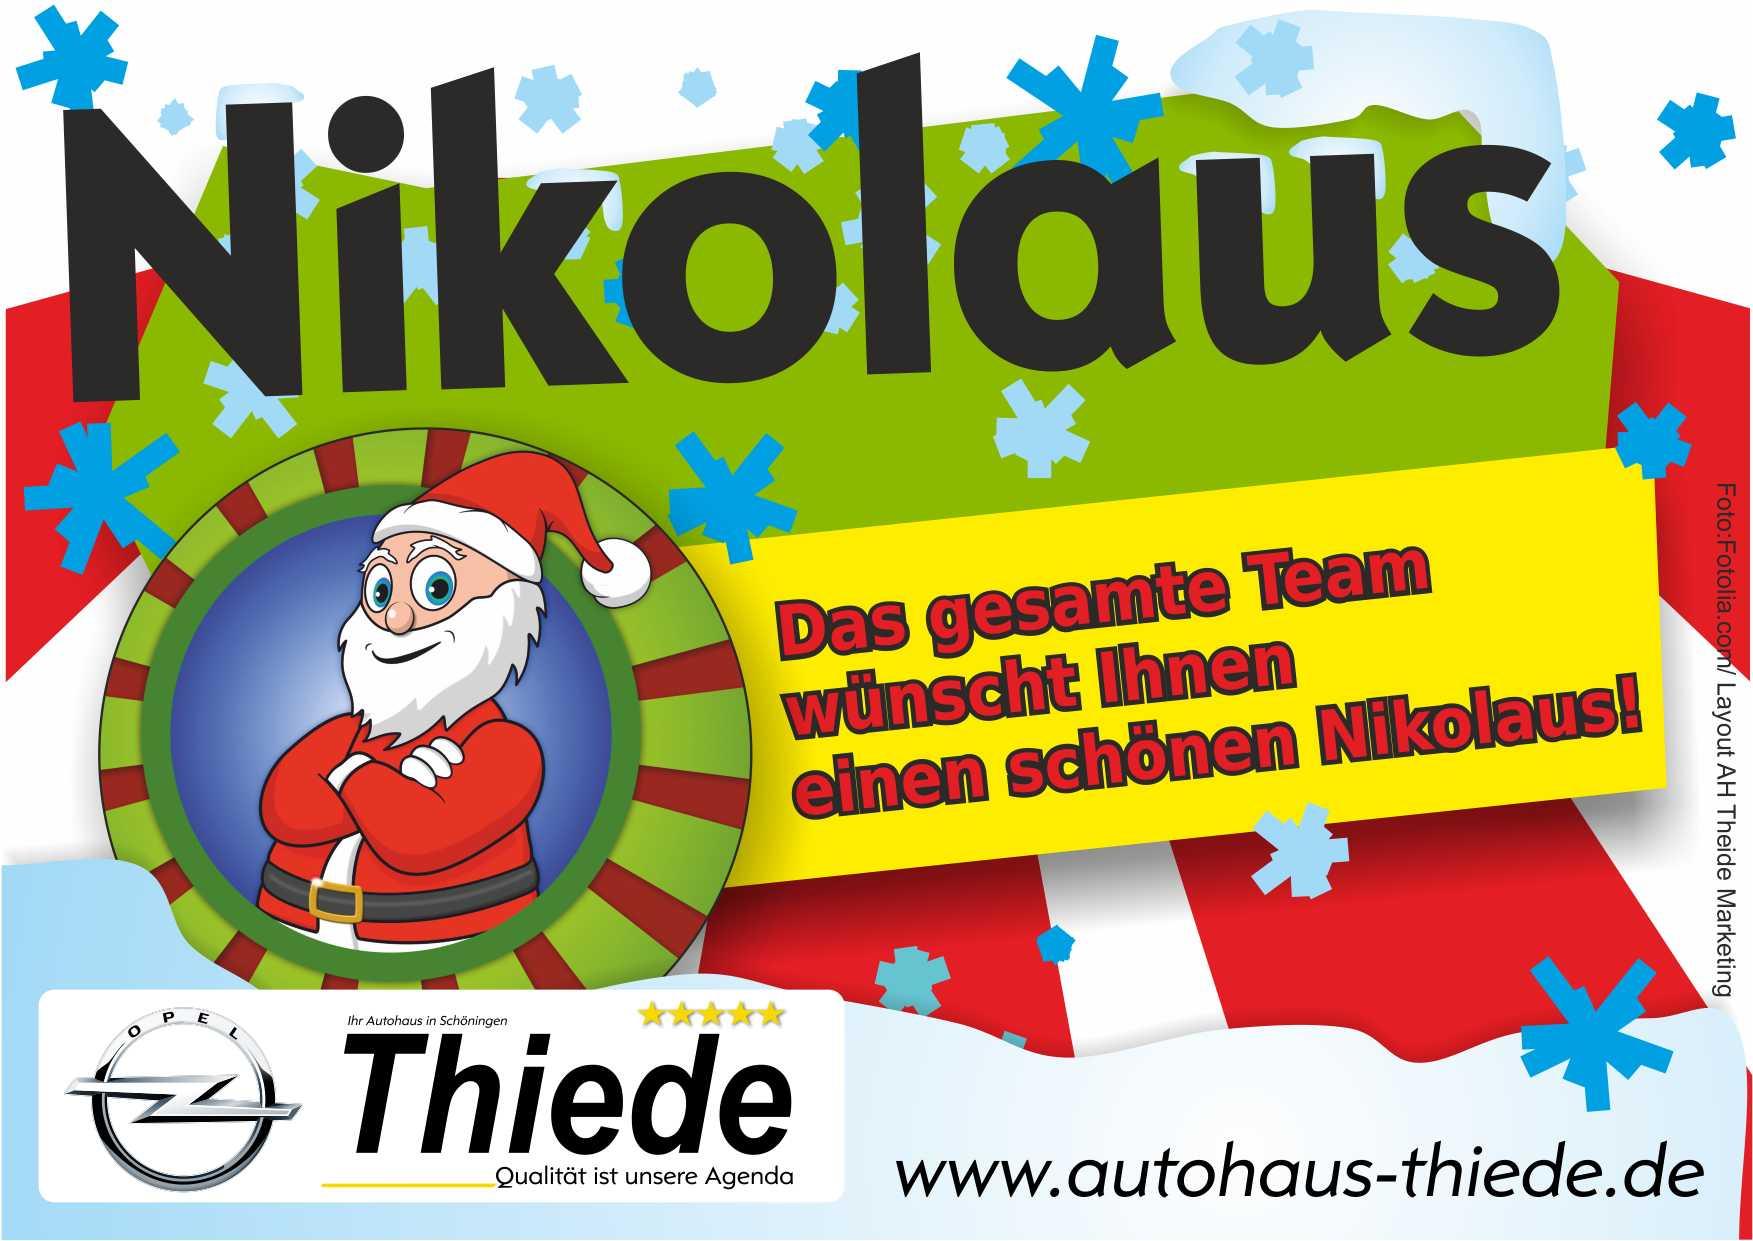 Autohaus Thiede wünscht einen schönen Nikolaus und lädt zur Opel Neuwagen Probefahrt ein